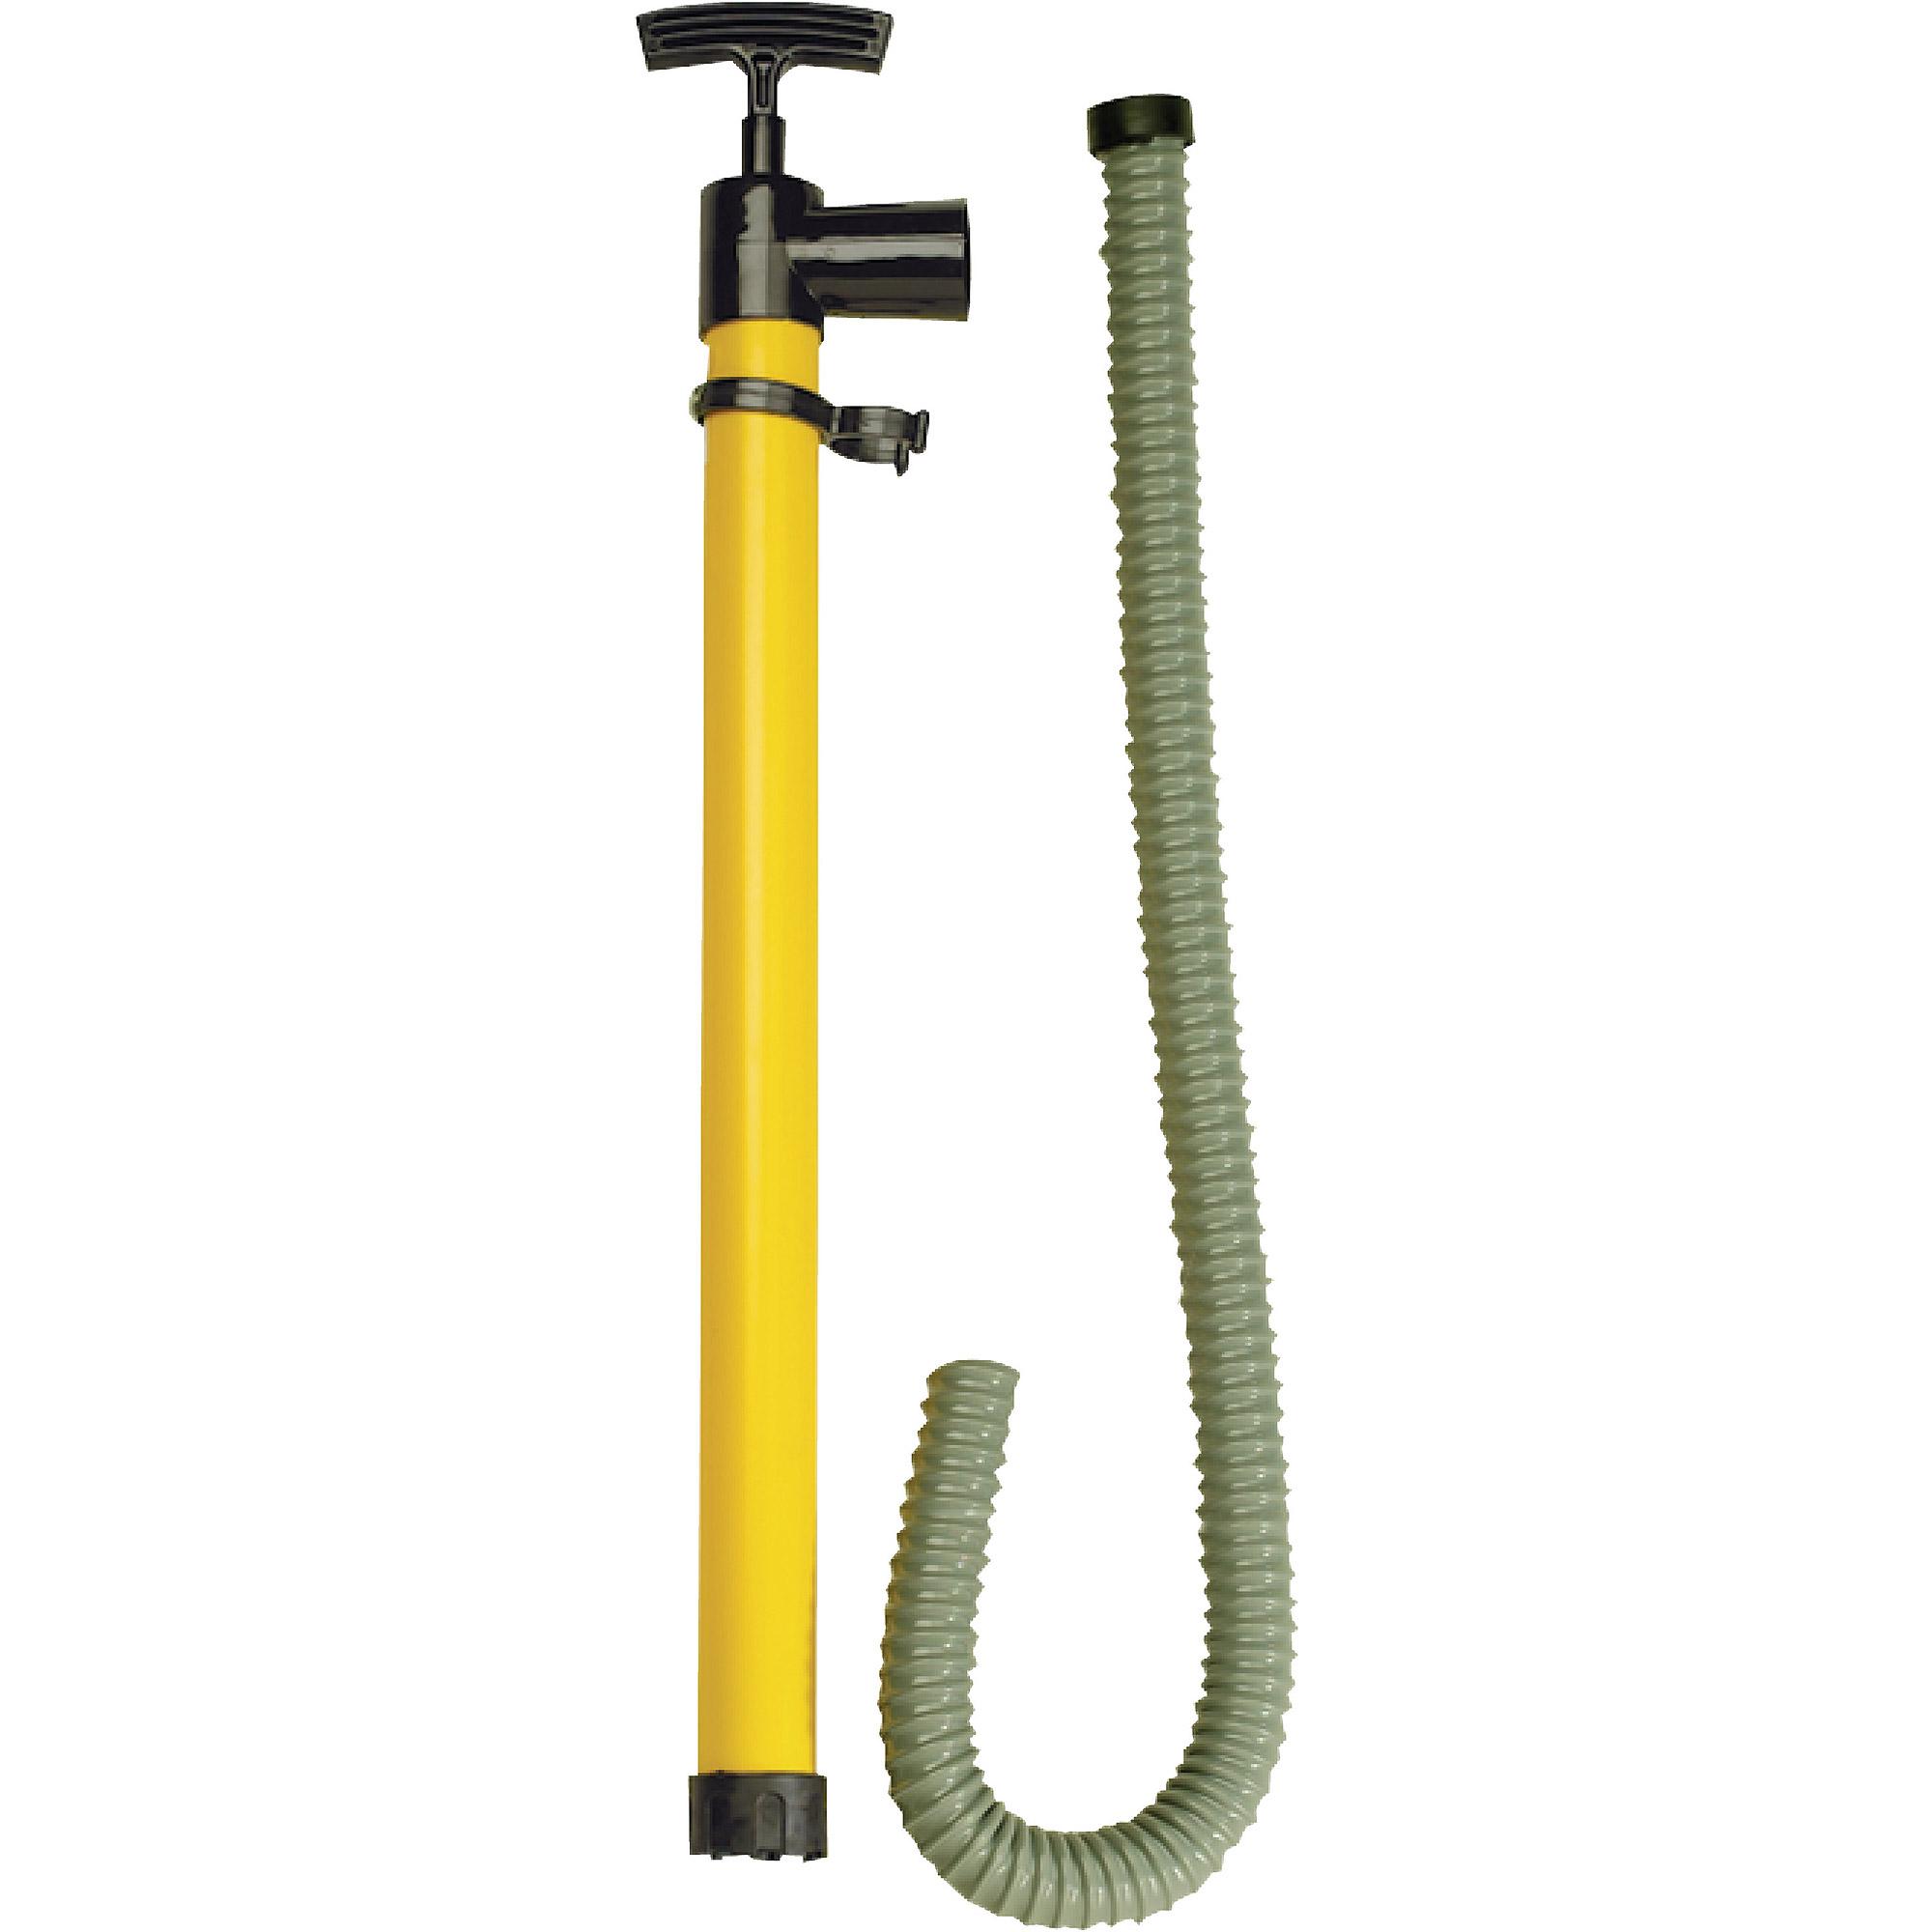 Seachoice 8 GPM Handy Bilge Pump